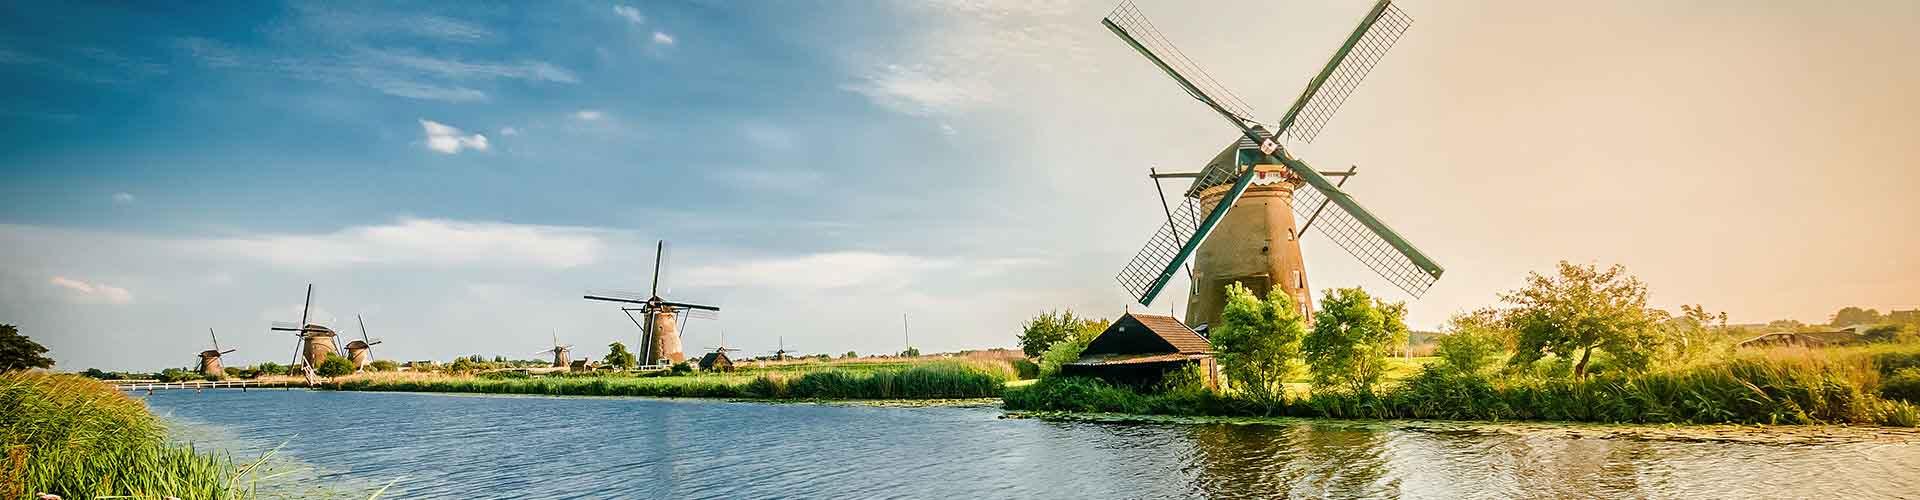 로테르담 - 로테르담에 위치한  객실.  로테르담의 지도, 로테르담에 위치한 객실에 대한 사진 및 리뷰.